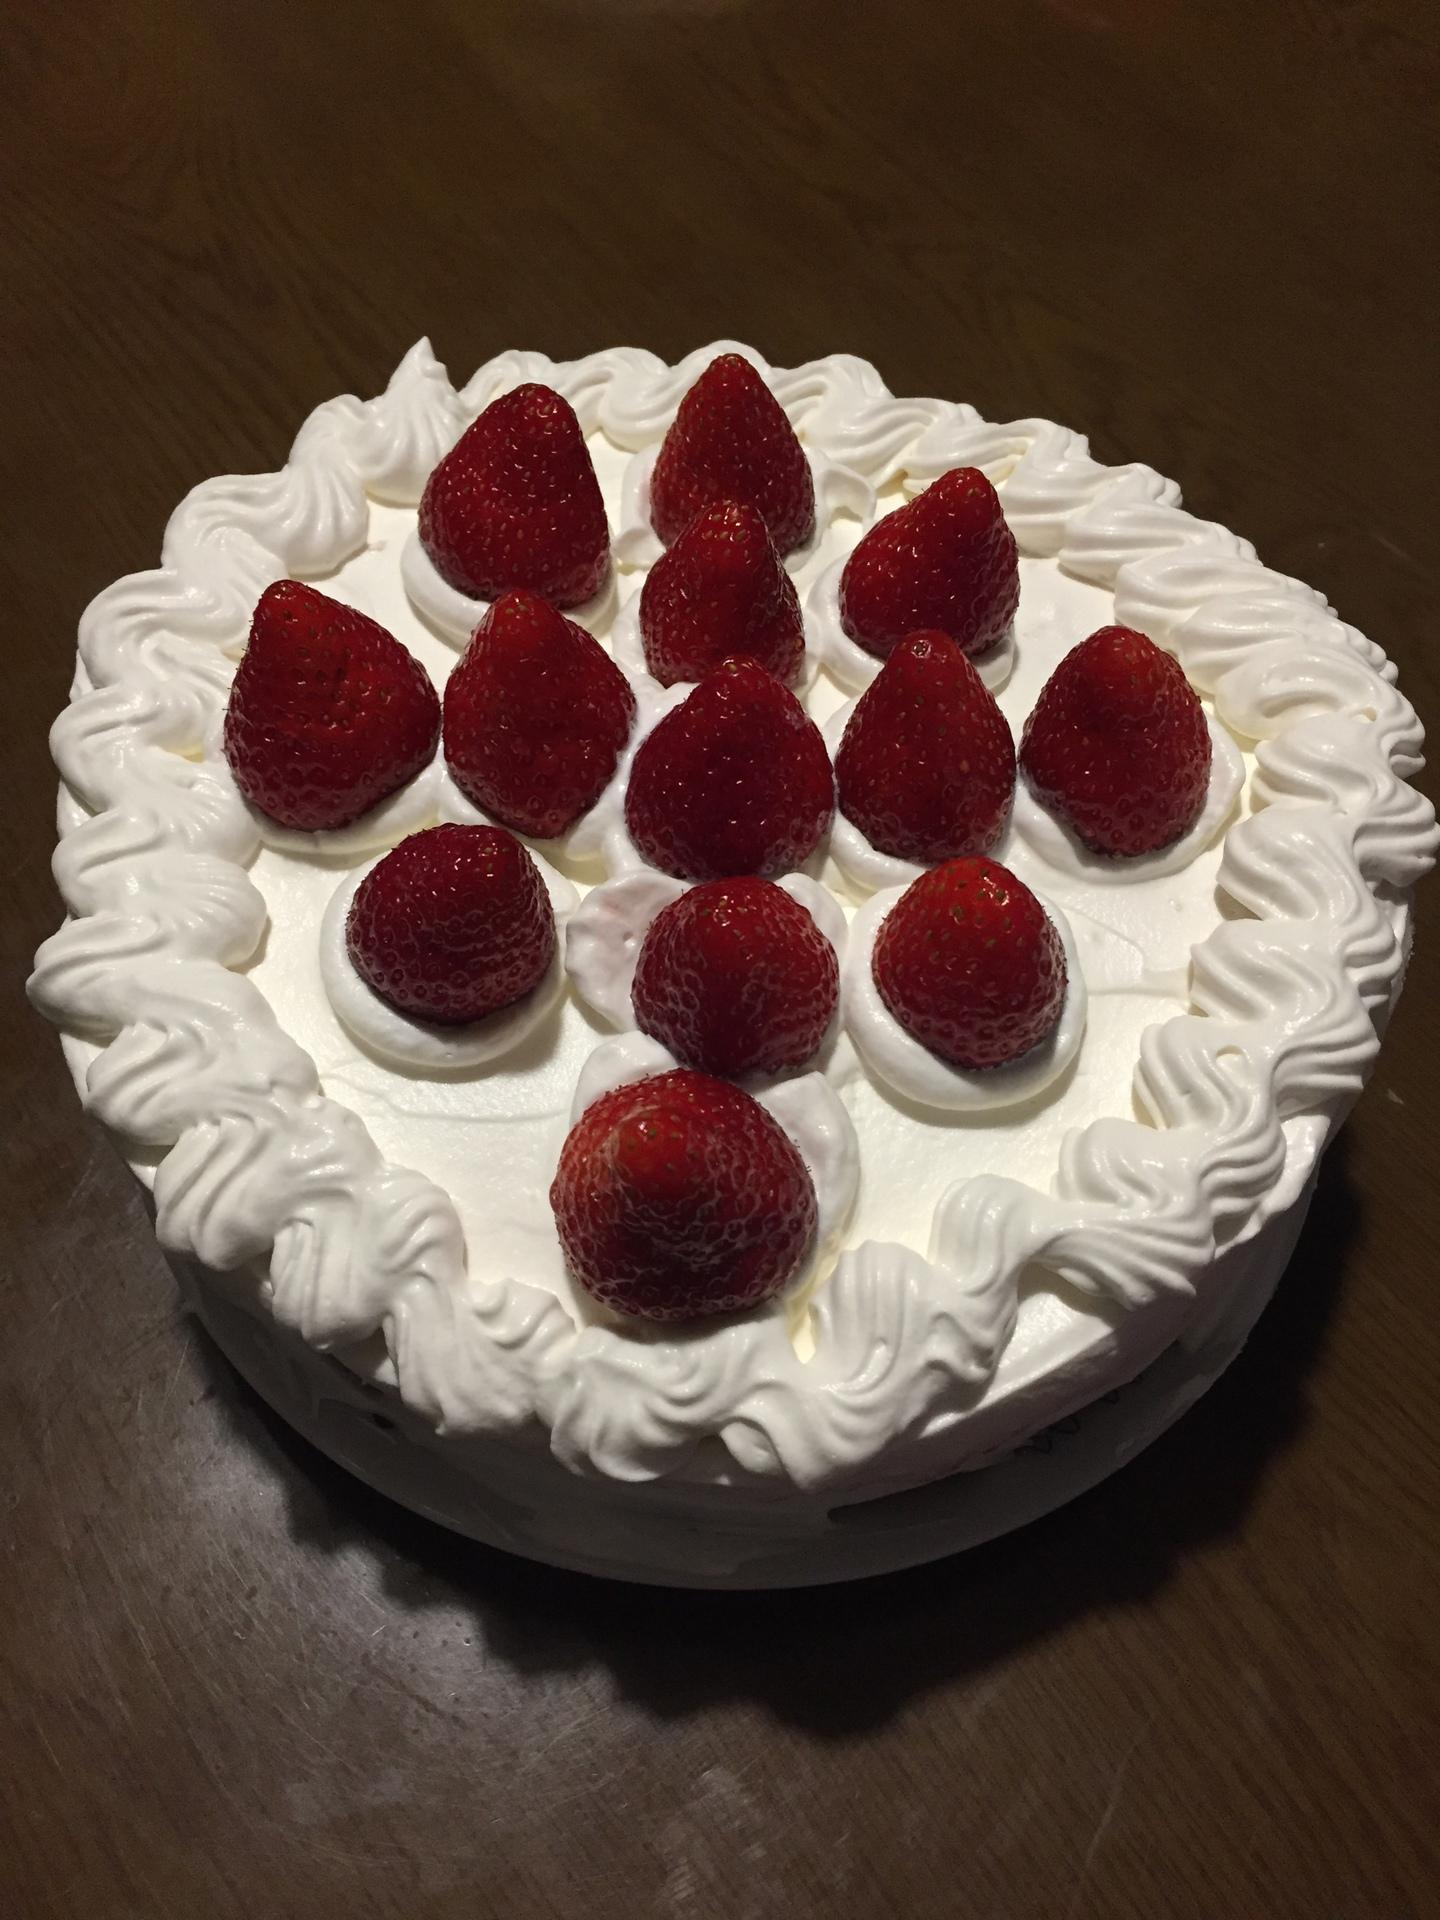 【イチゴのショートケーキのレシピ】 クリスマスケーキは自分で作れば安い。生クリームを絞り袋に入れるコツ